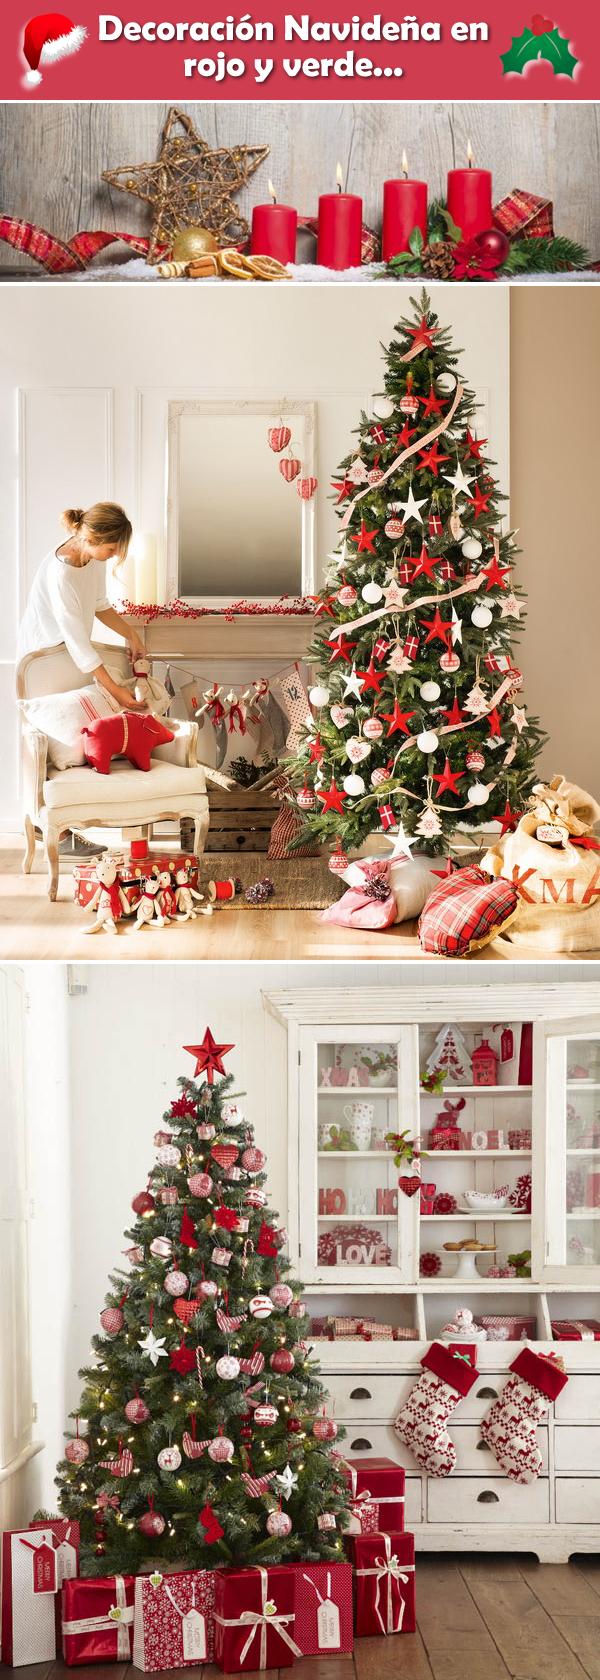 Ideas para decorar la navidad en color rojo y verde for Ideas de decoracion navidena